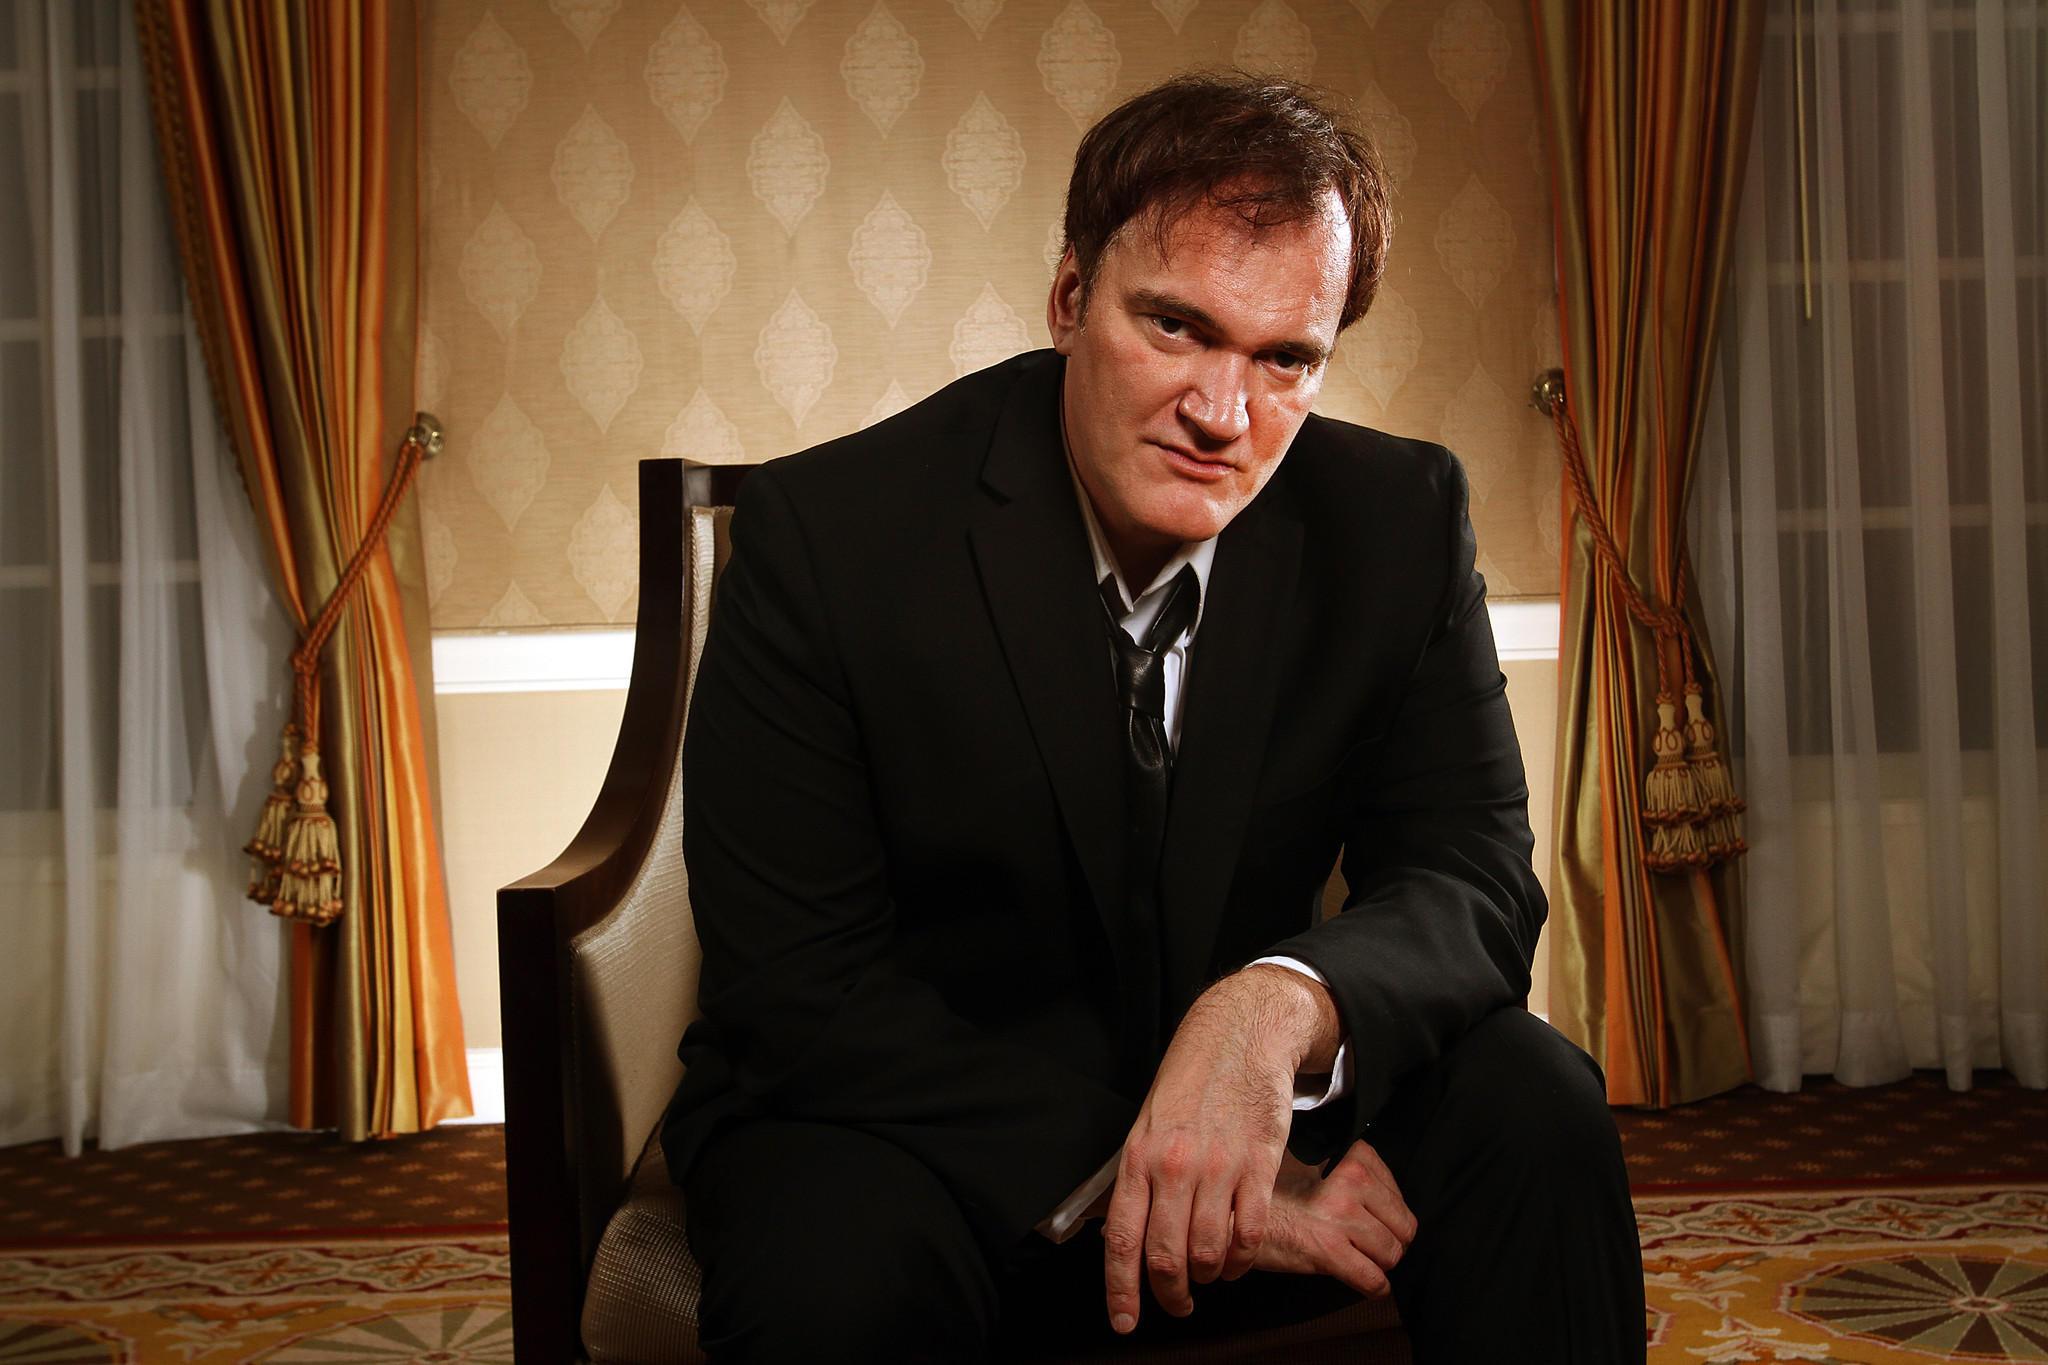 https://cinemaplanet.pt/wp-content/uploads/2016/01/Tarantino-2.jpg